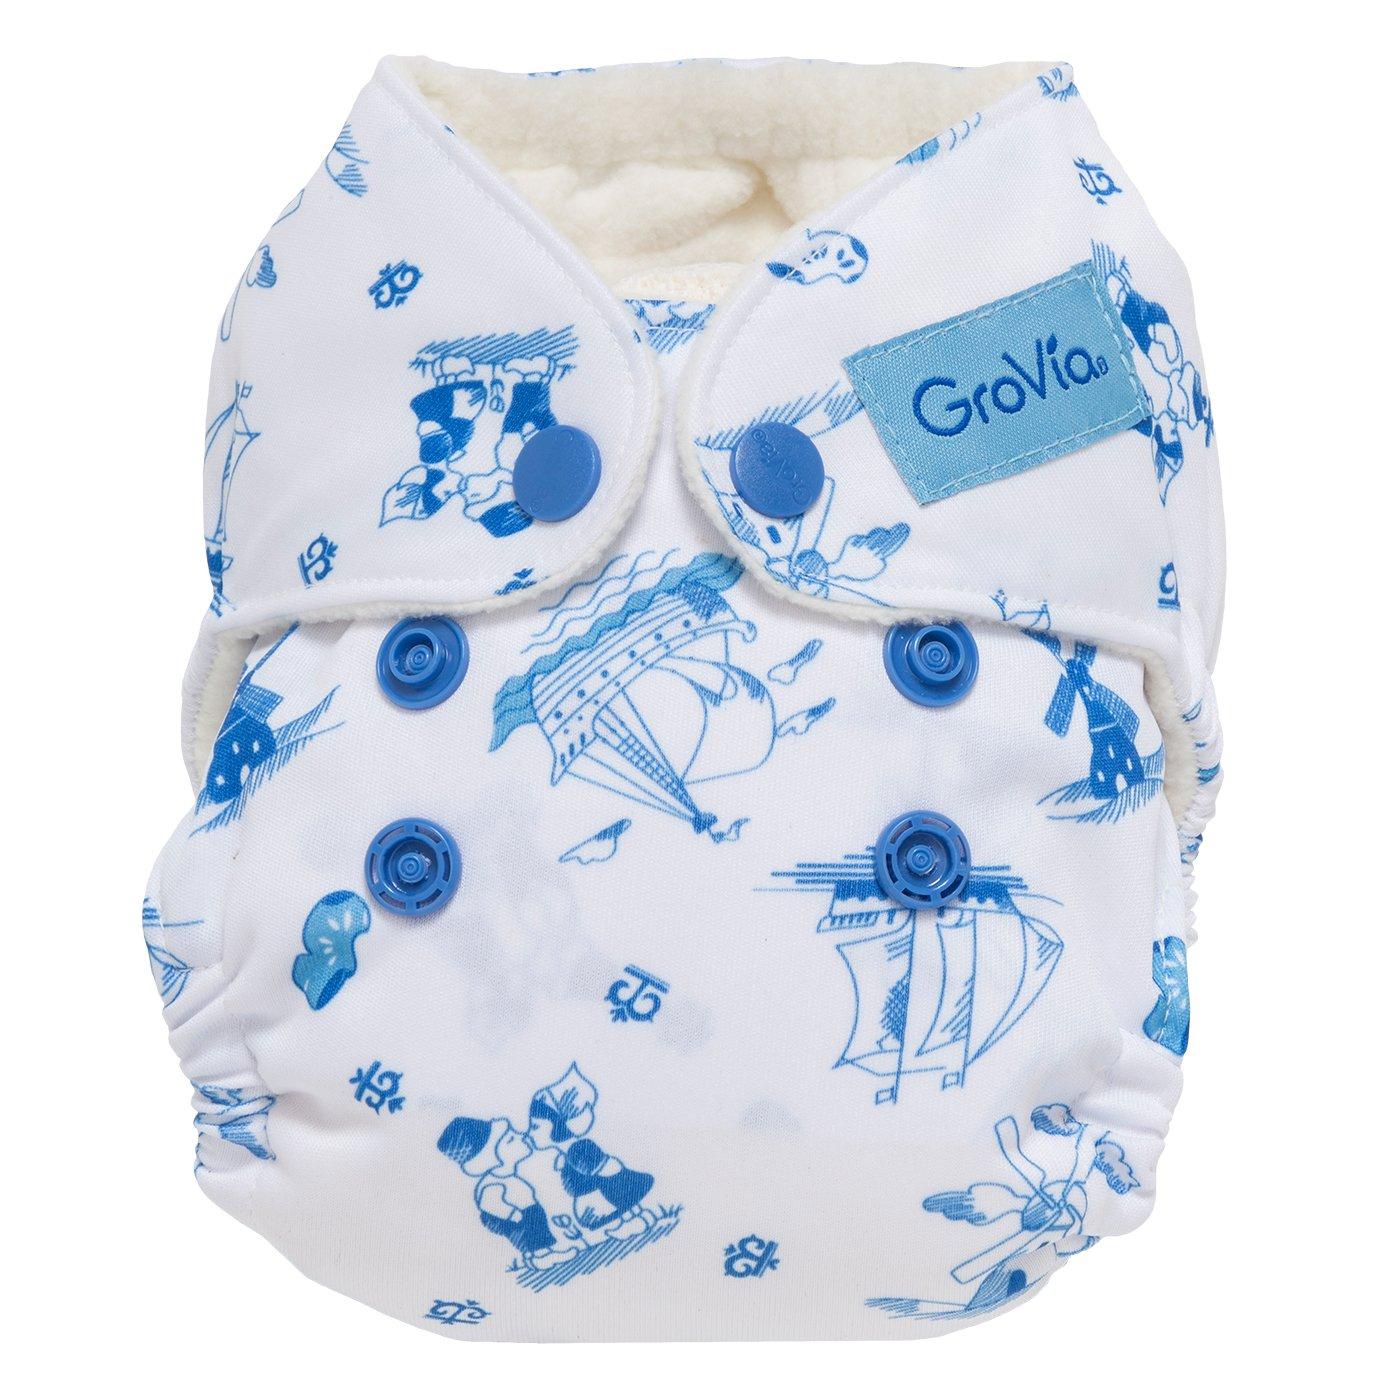 Recién nacido Pañales de tela AIO - Nuevo estilo (Holland): Amazon.es: Bebé